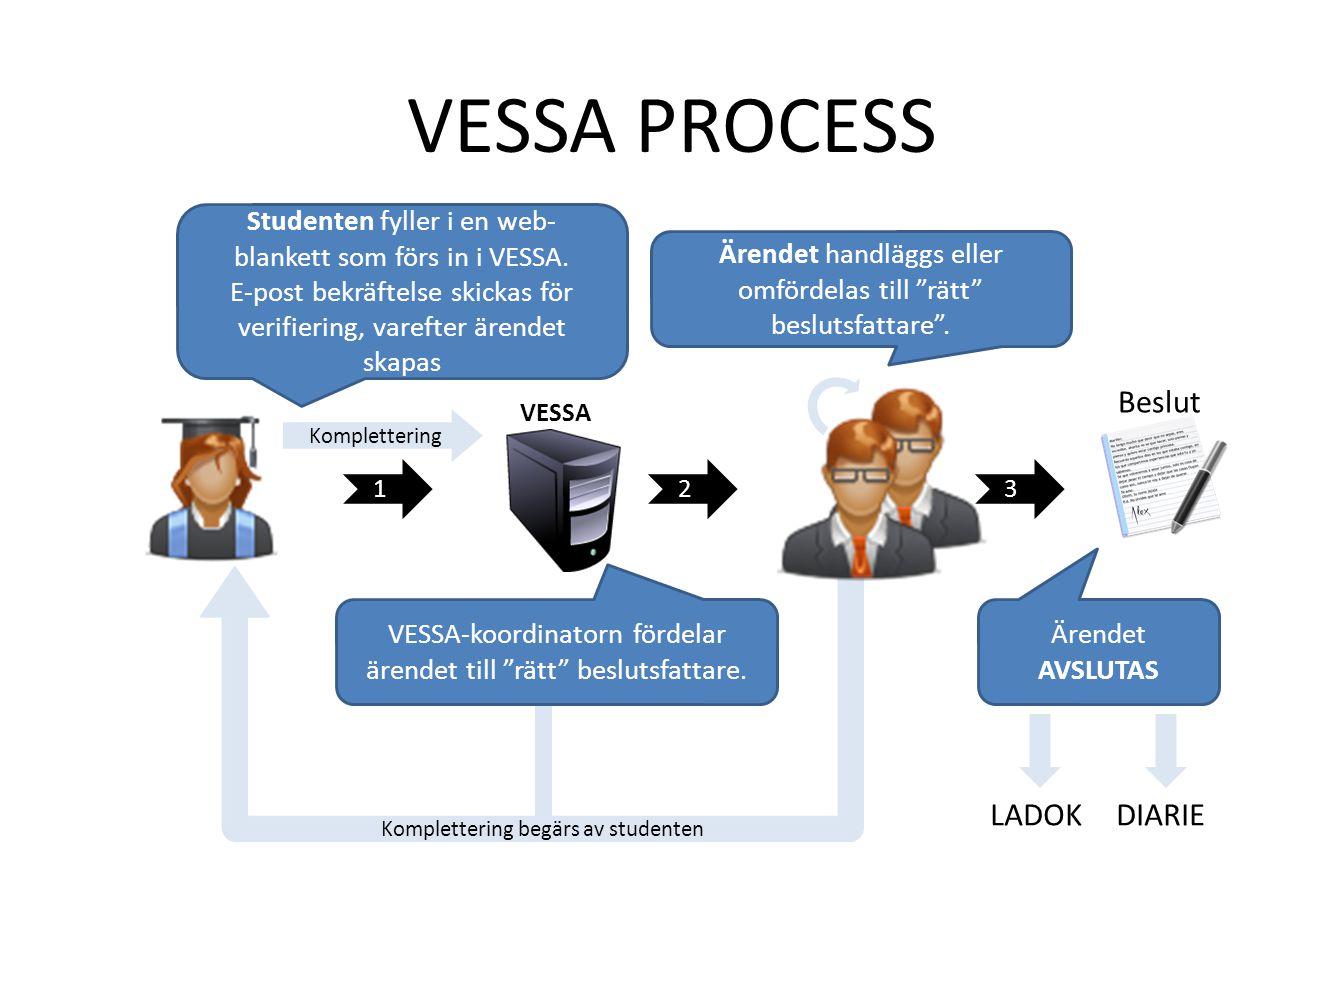 """VESSA PROCESS 12 Ärendet handläggs eller omfördelas till """"rätt"""" beslutsfattare"""". 3 Komplettering LADOKDIARIE Studenten fyller i en web- blankett som f"""